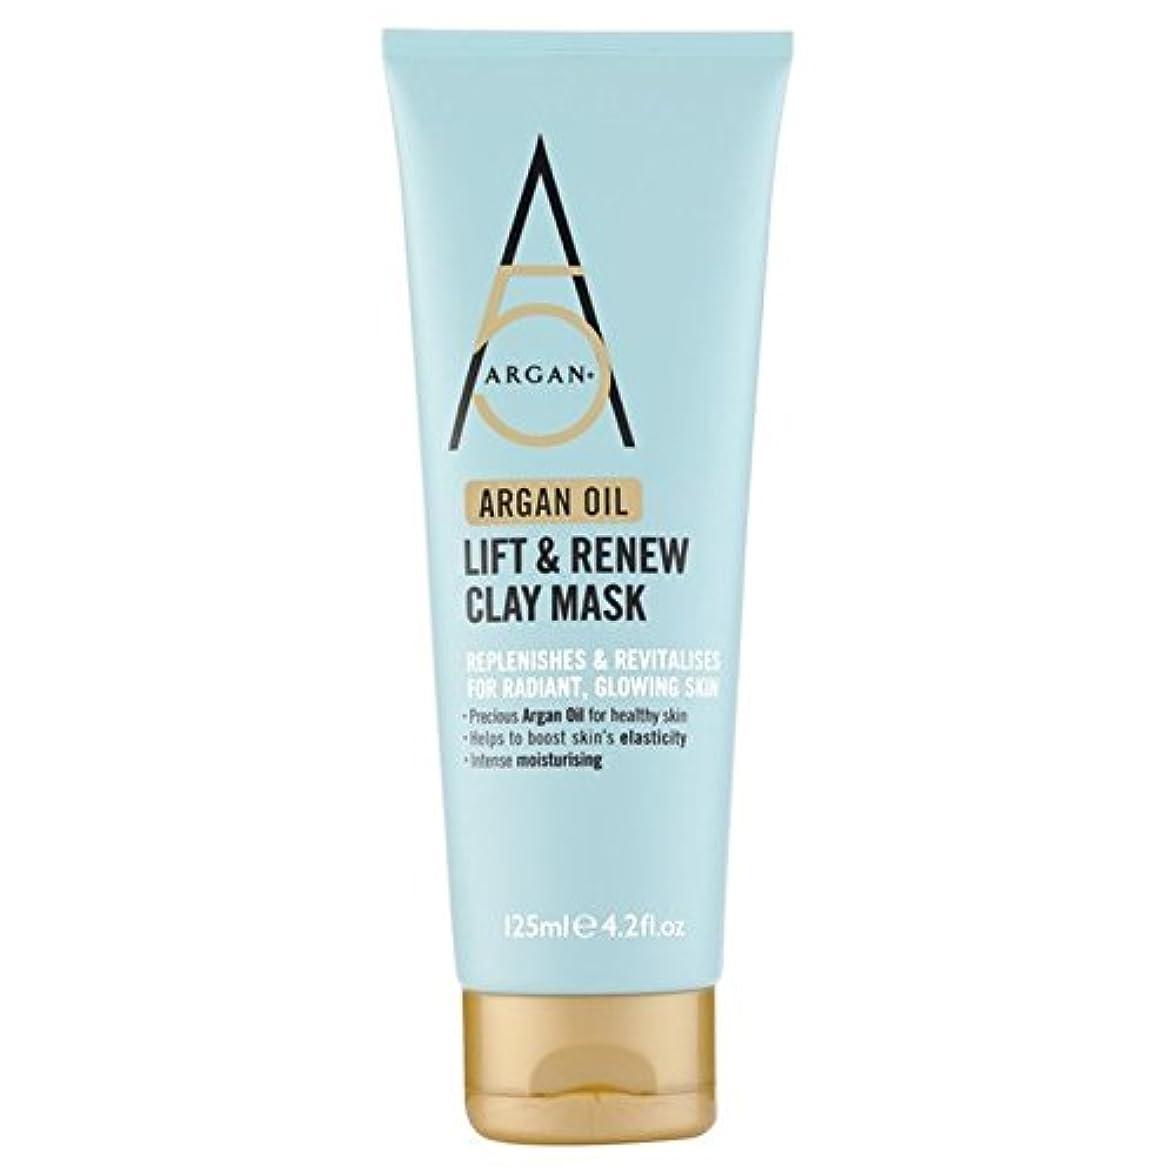 健康的知っているに立ち寄るアンビエントアルガン+リフト&クレイフェイスマスク125ミリリットルを更新 x4 - Argan+ Lift & Renew Clay Face Mask 125ml (Pack of 4) [並行輸入品]